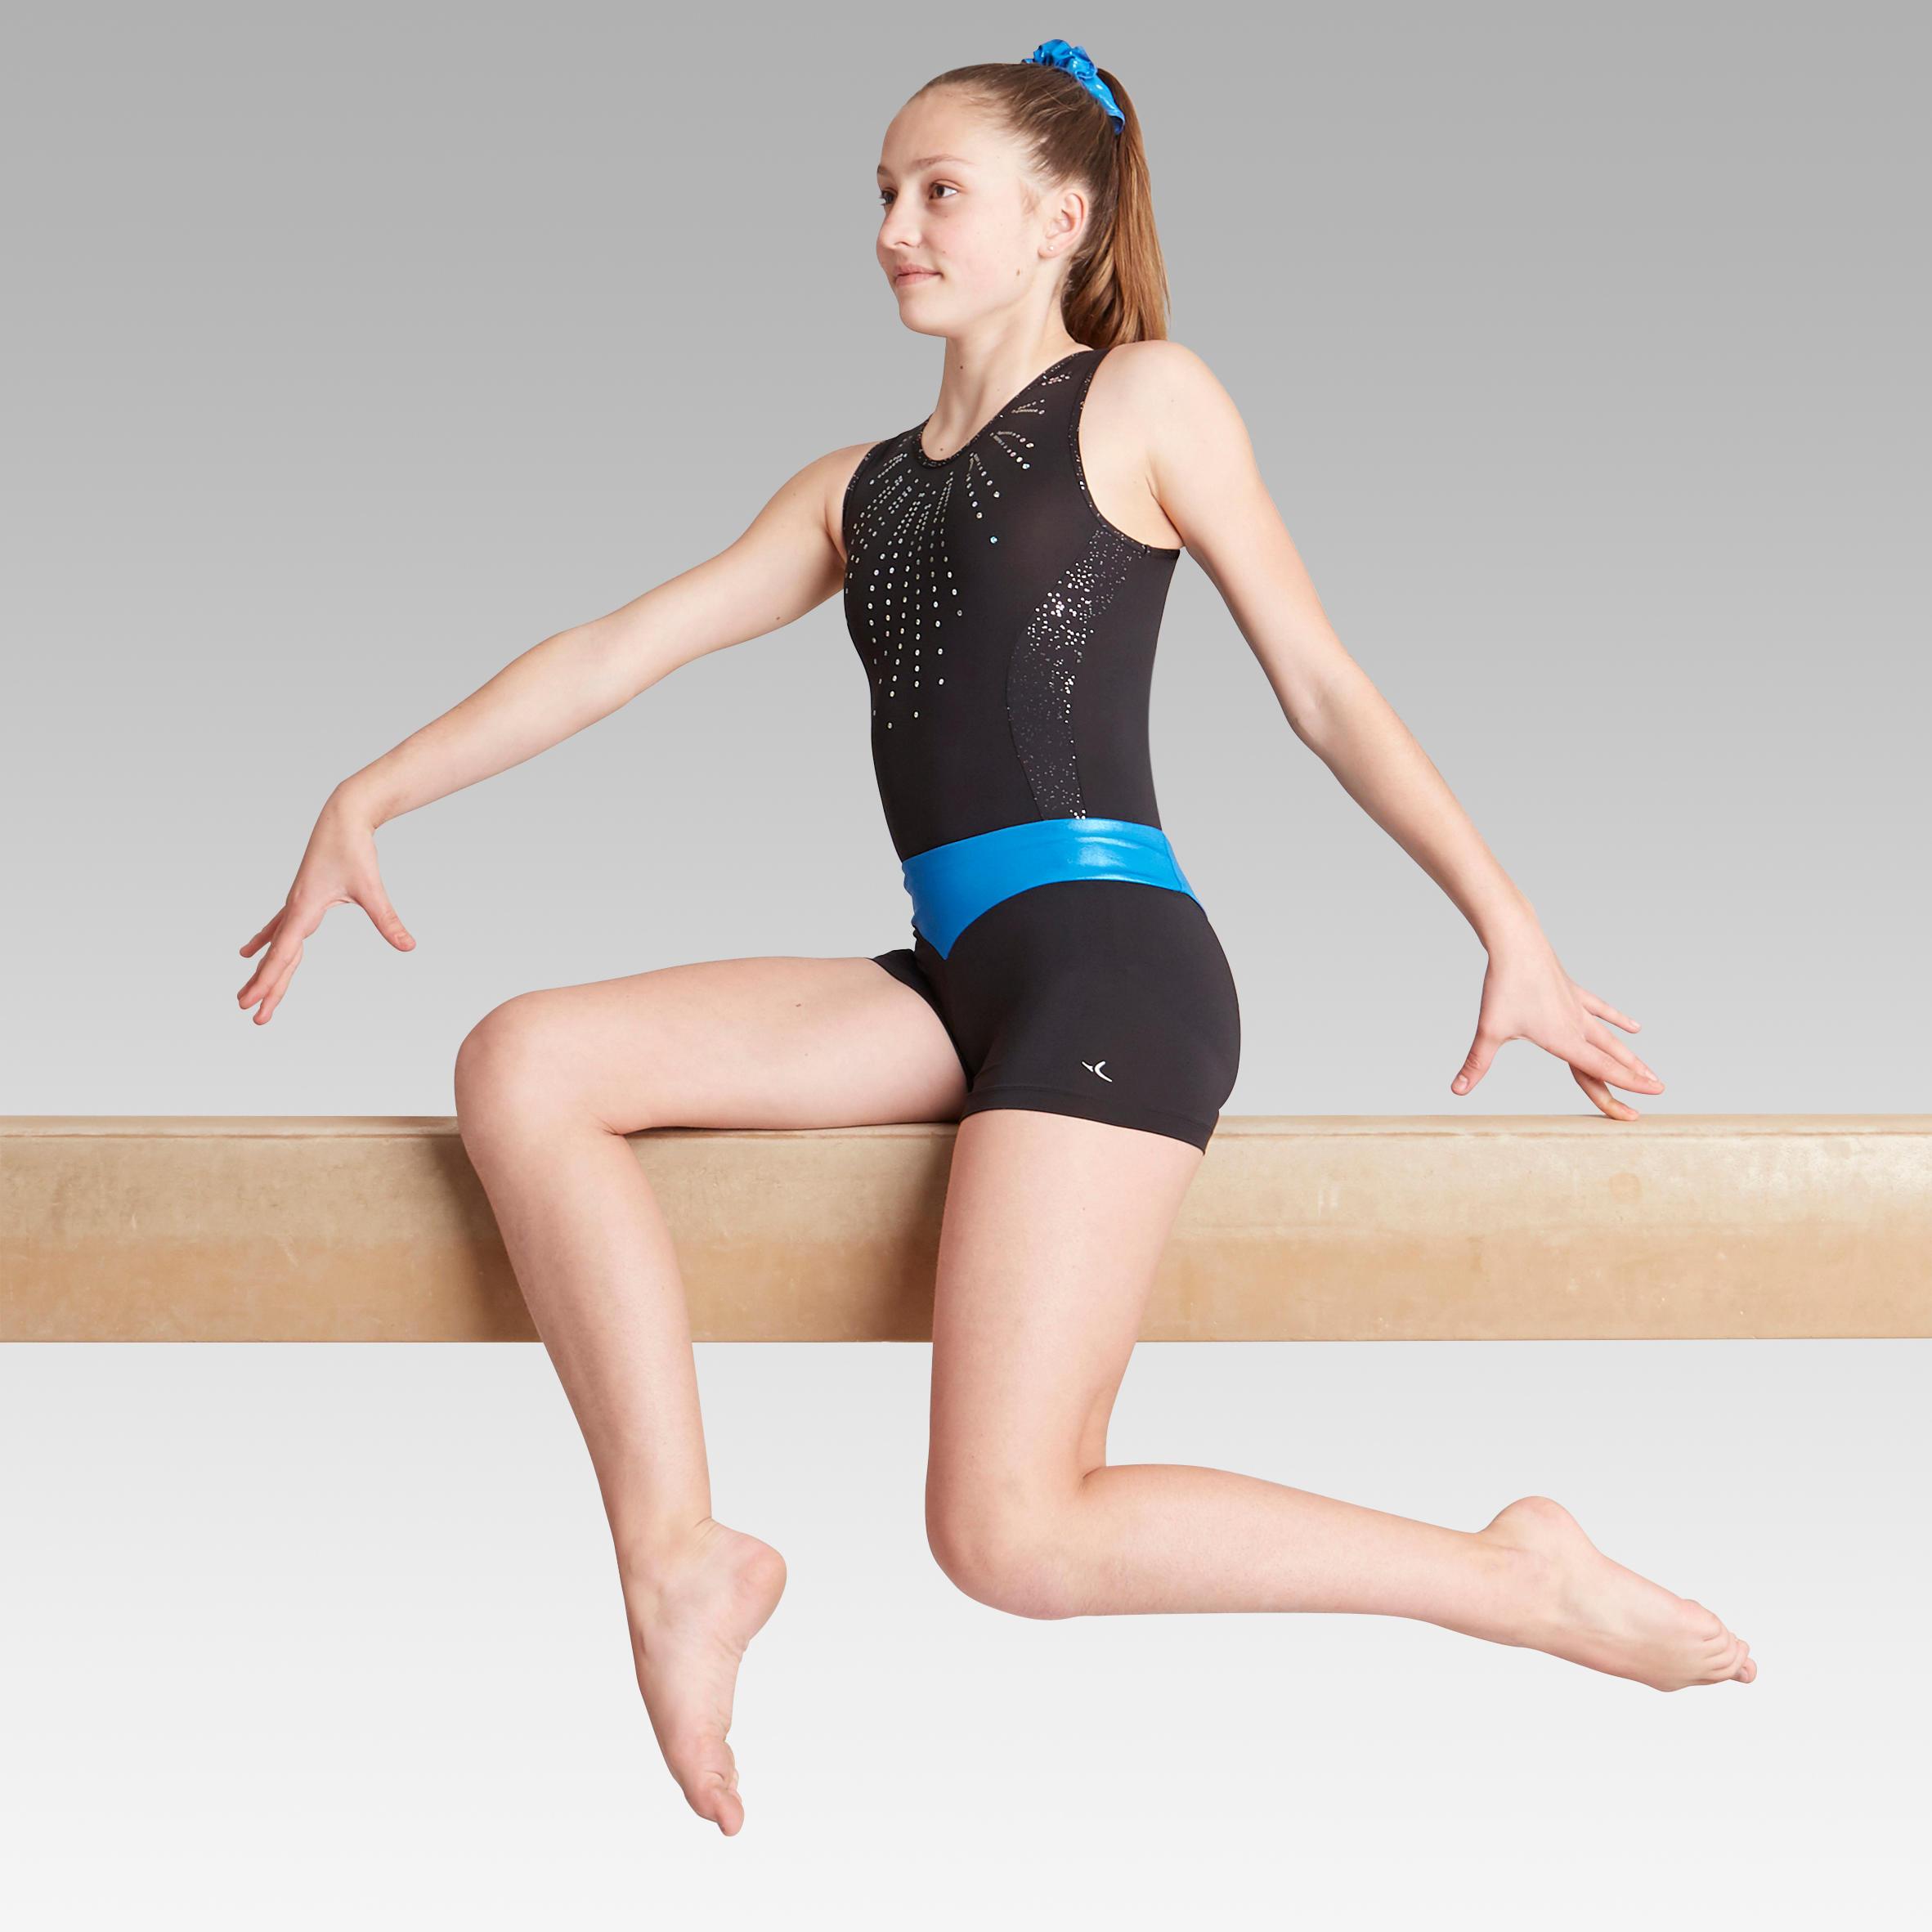 Șort gimnastică feminină 500 la Reducere poza